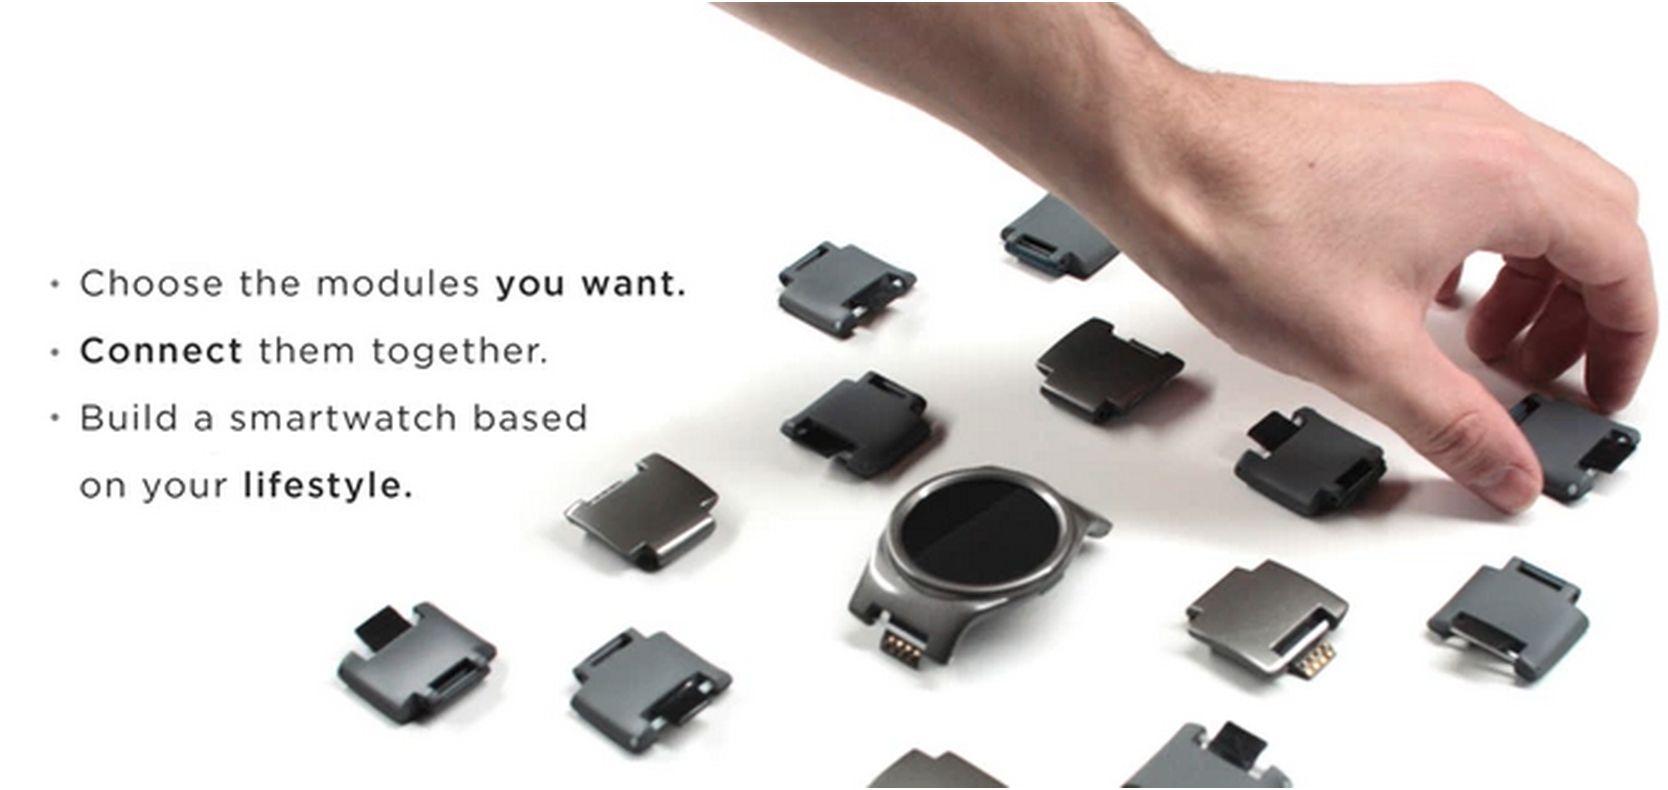 Slik ser modulene til Blocks ut. Er du en utvikler, kan du til og med designe dine egne! Foto: Blocks/Kickstarter